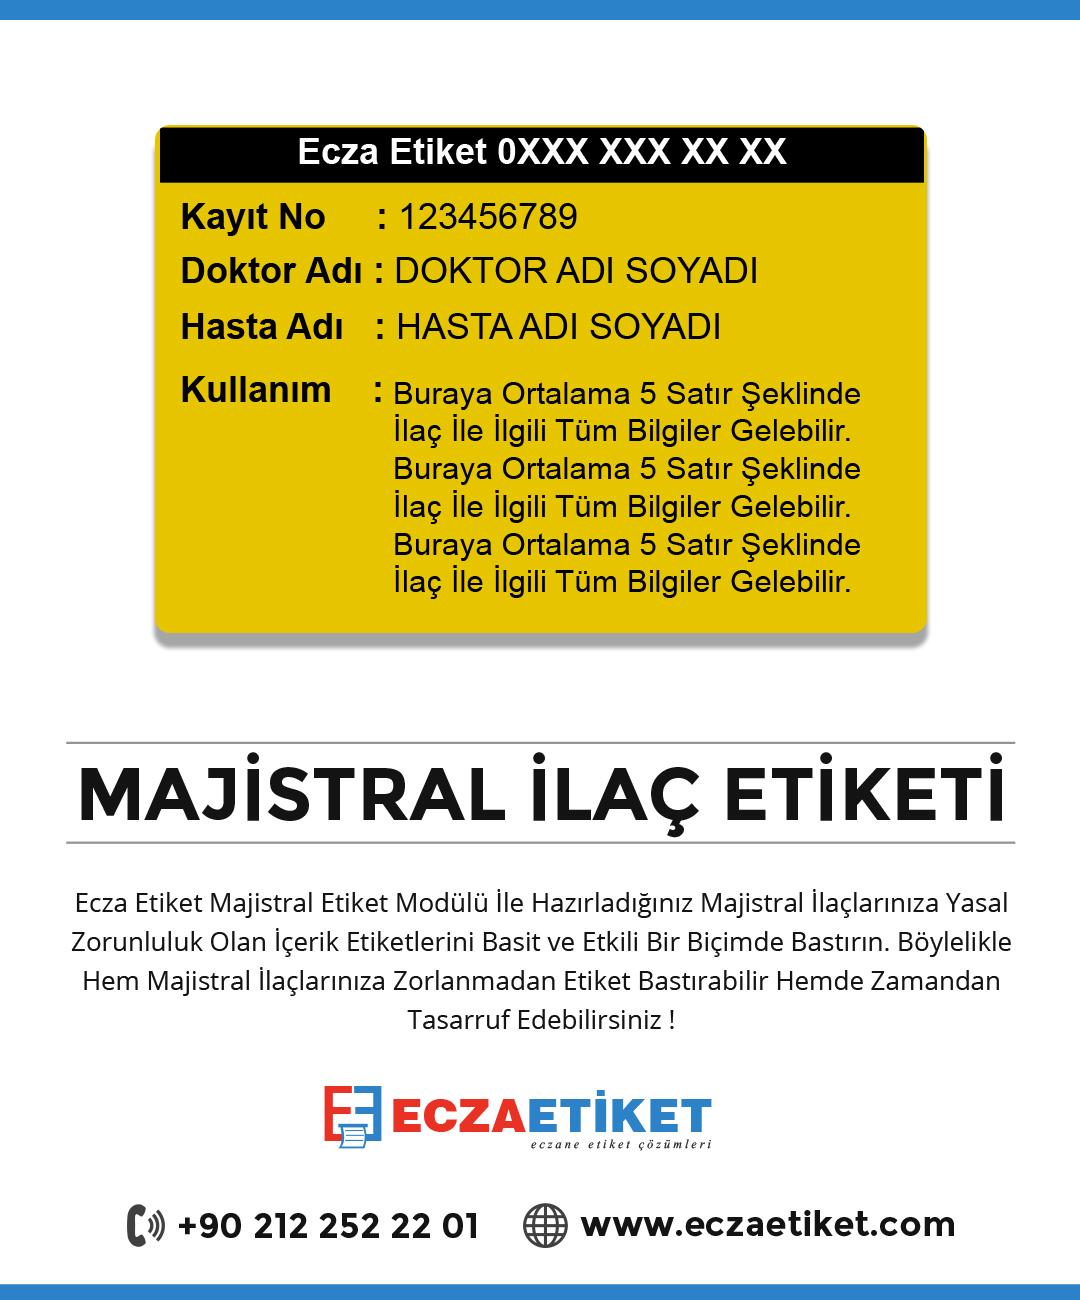 MAJİSTRAL-ETİKET.jpg